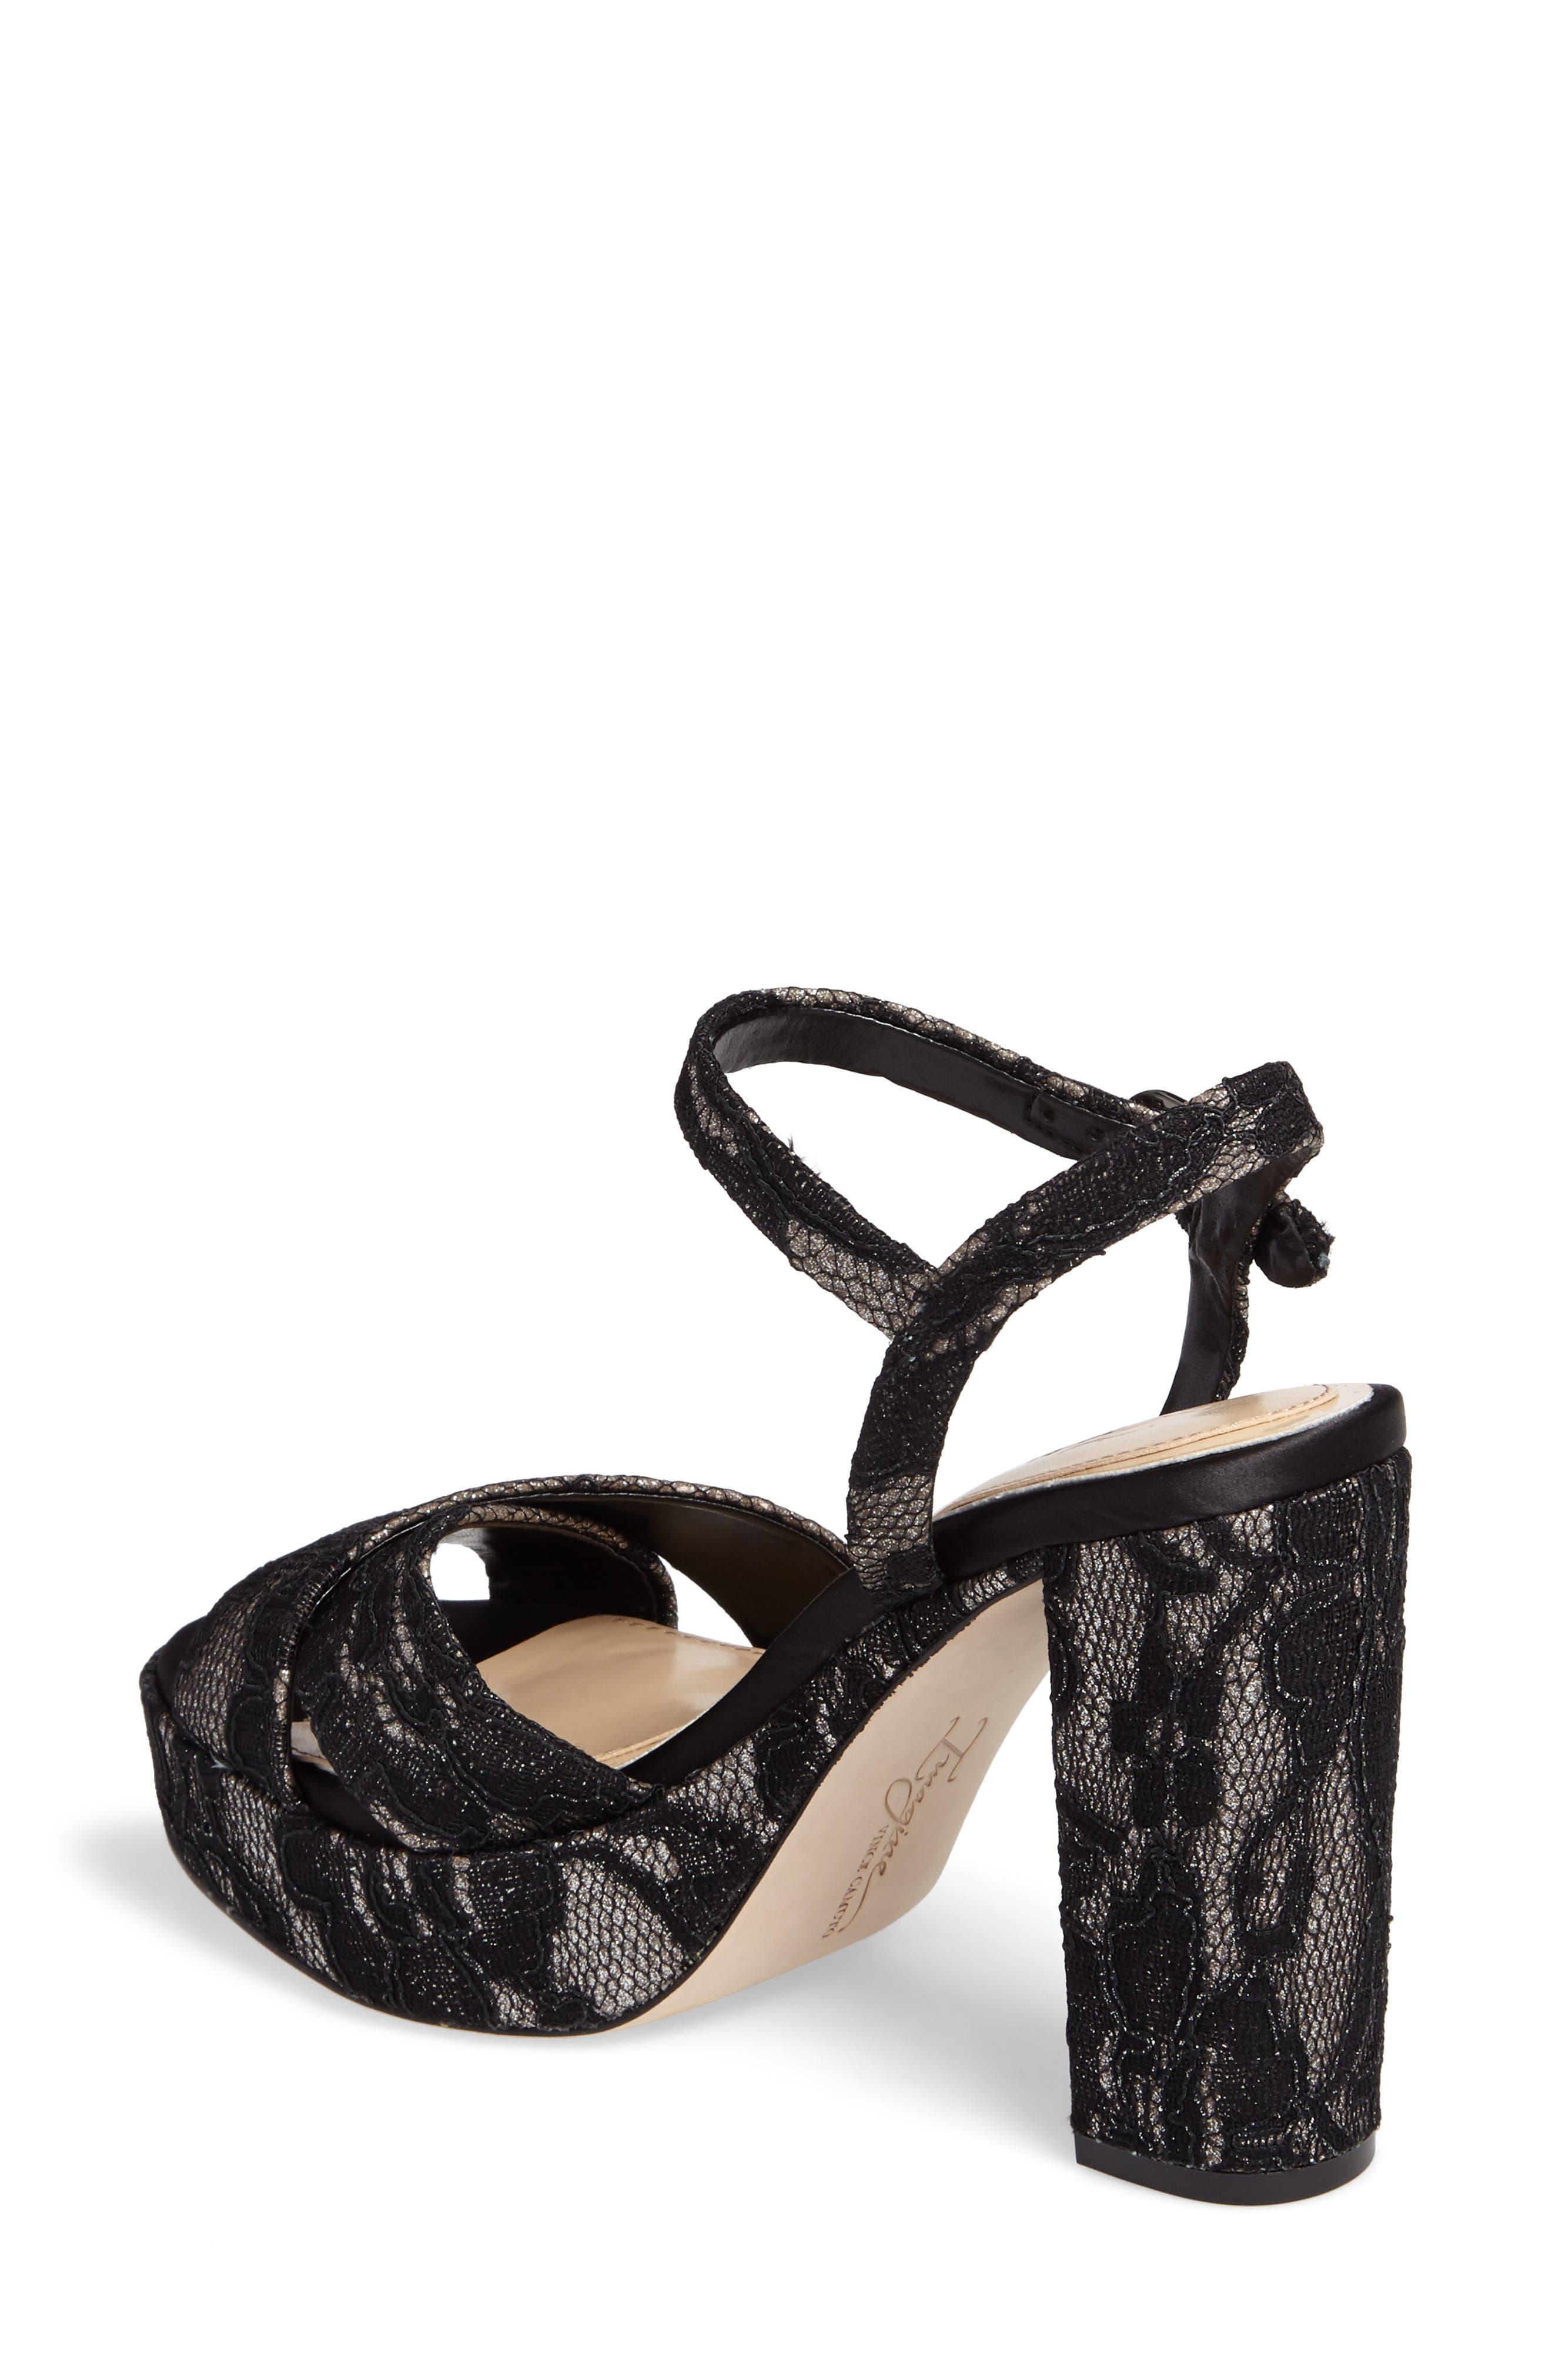 'Valora' Platform Sandal,                             Alternate thumbnail 2, color,                             002